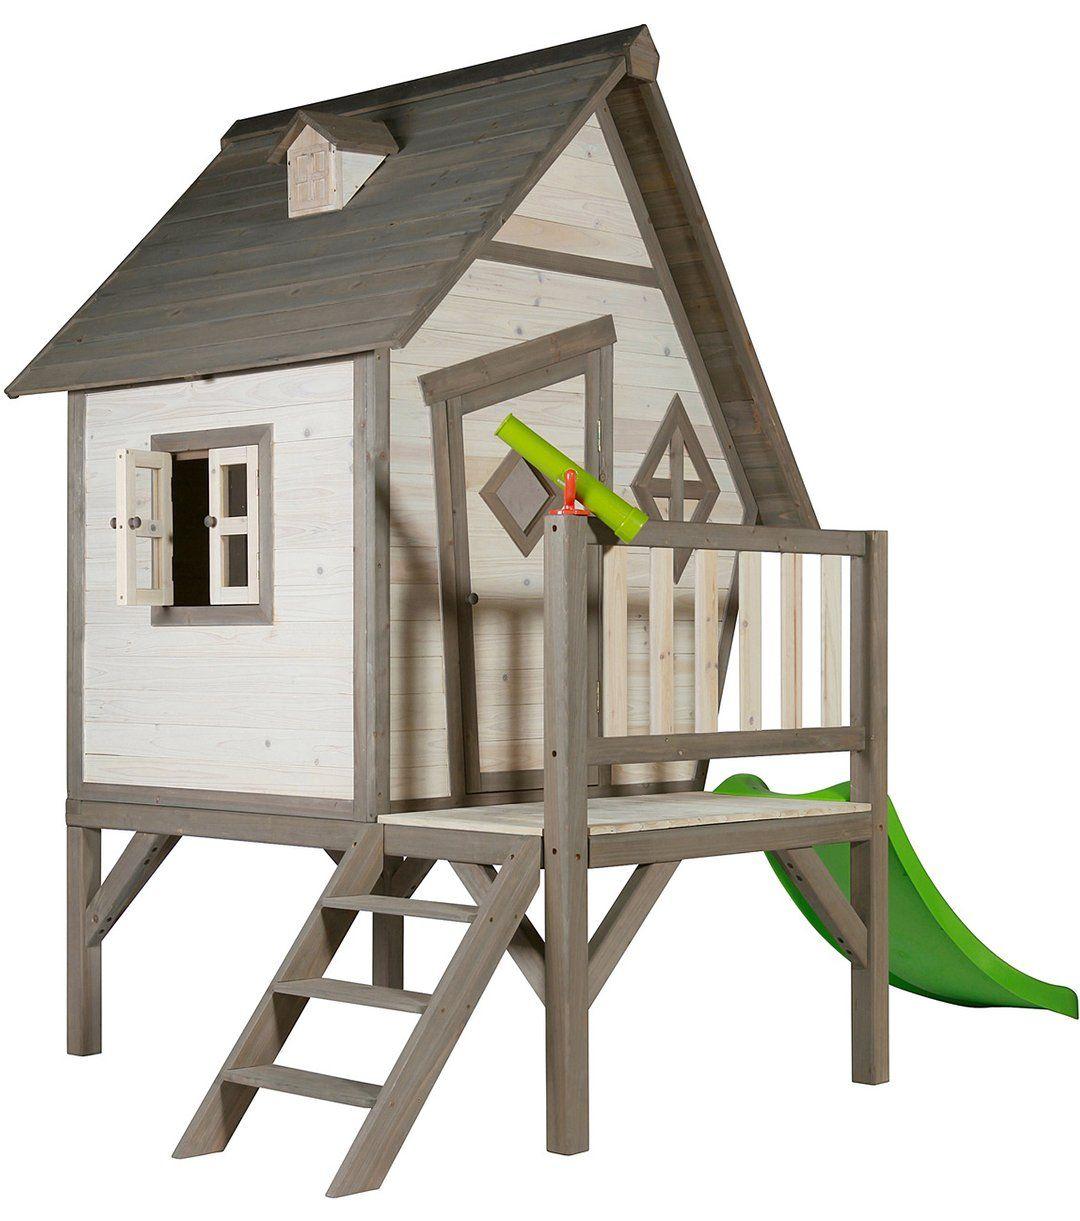 Full Size of Spielhaus Holz Obi Kinder Mit Rutsche Garten Sunny Cabin Xl Kinderhaus Holzbrett Küche Alu Fenster Preise Vollholzküche Bad Waschtisch Betten Aus Modern Wohnzimmer Spielhaus Holz Obi